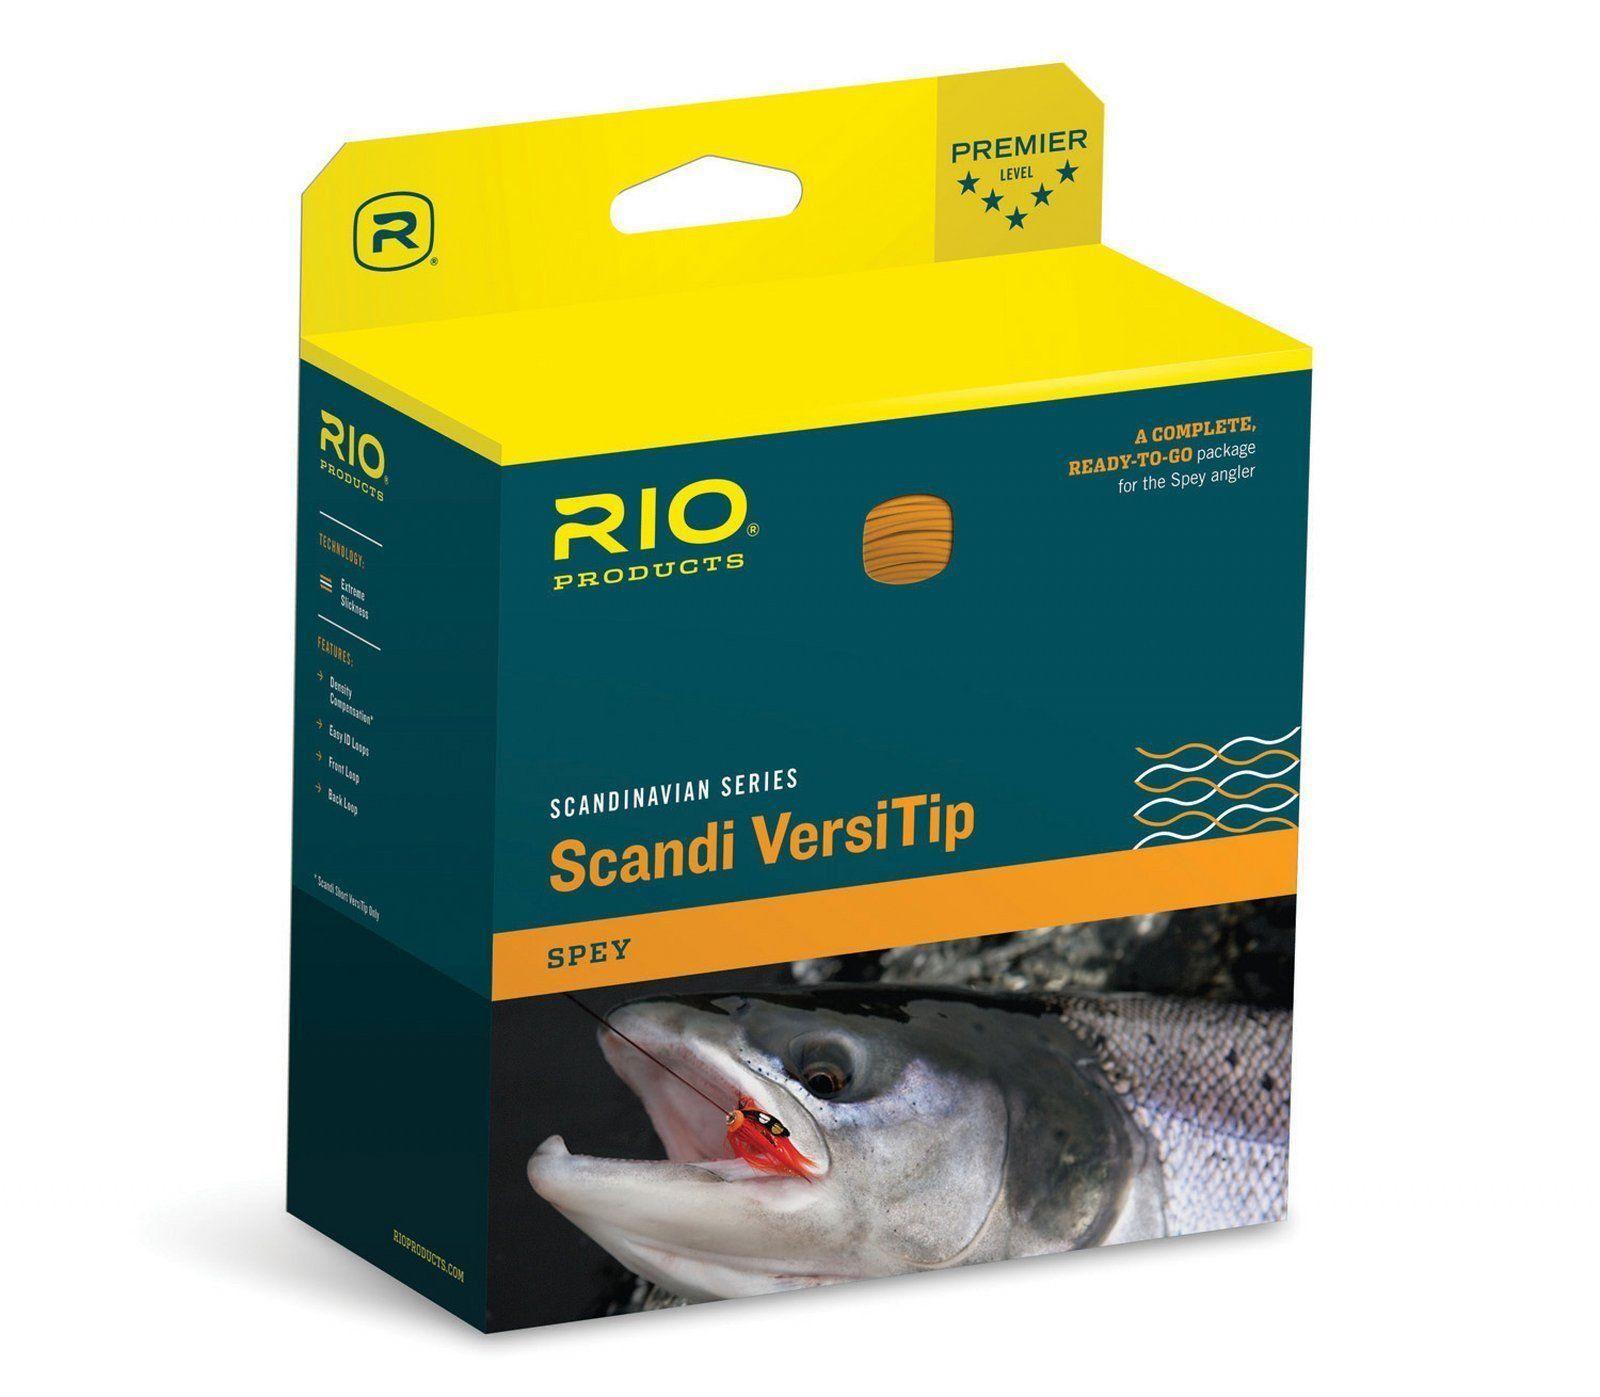 Rio  nuevo Scandi VersiTip  10 650-grano Spey rod Volar Línea Paquete  cuerpo + 4 Puntas  todos los bienes son especiales